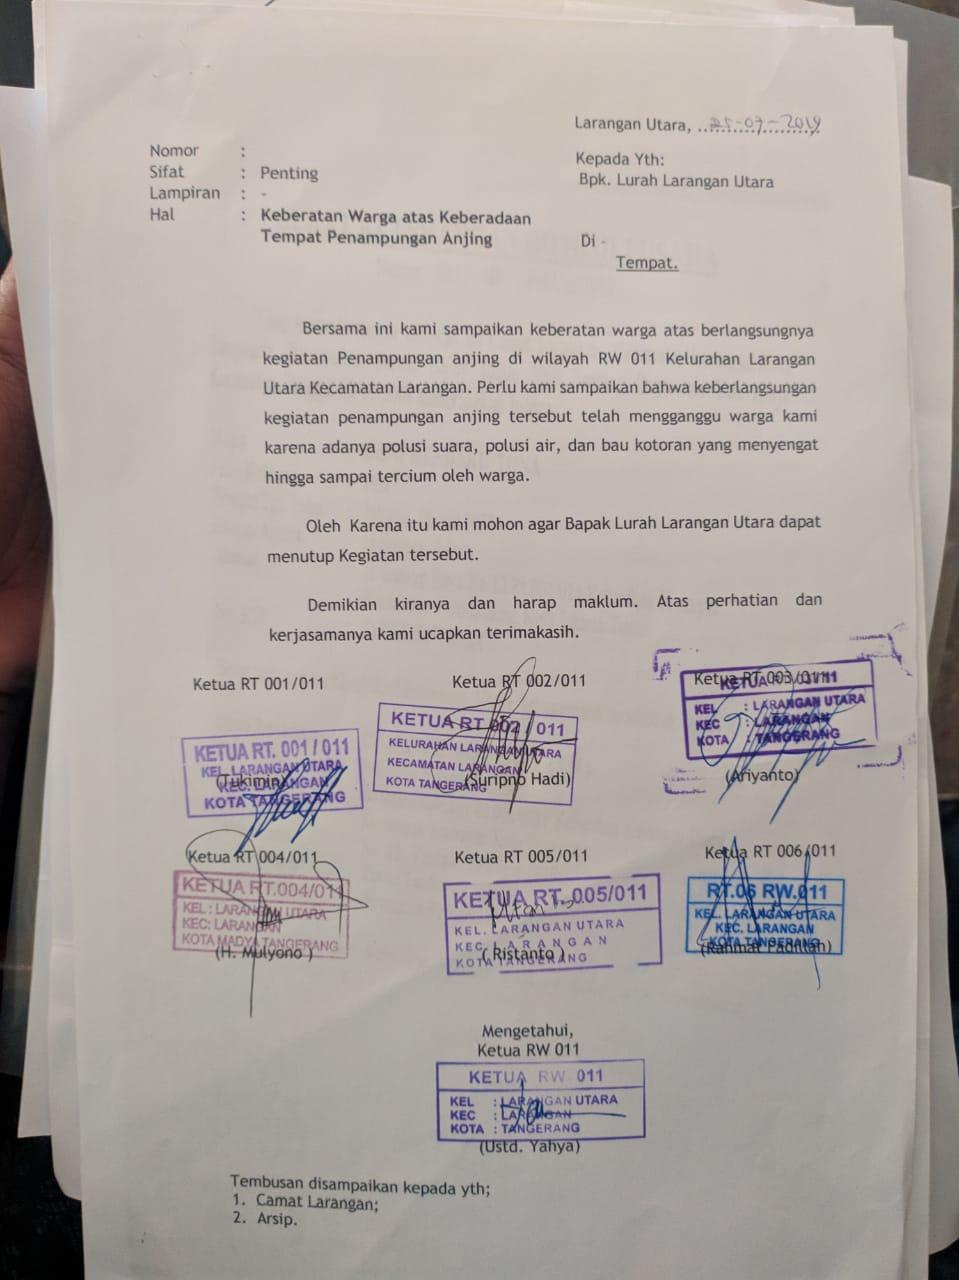 Surat penolakan warga dengan adanya penampungan hewan anjing di Larangan Utara, Kecamatan Larangan, Kota Tangerang.